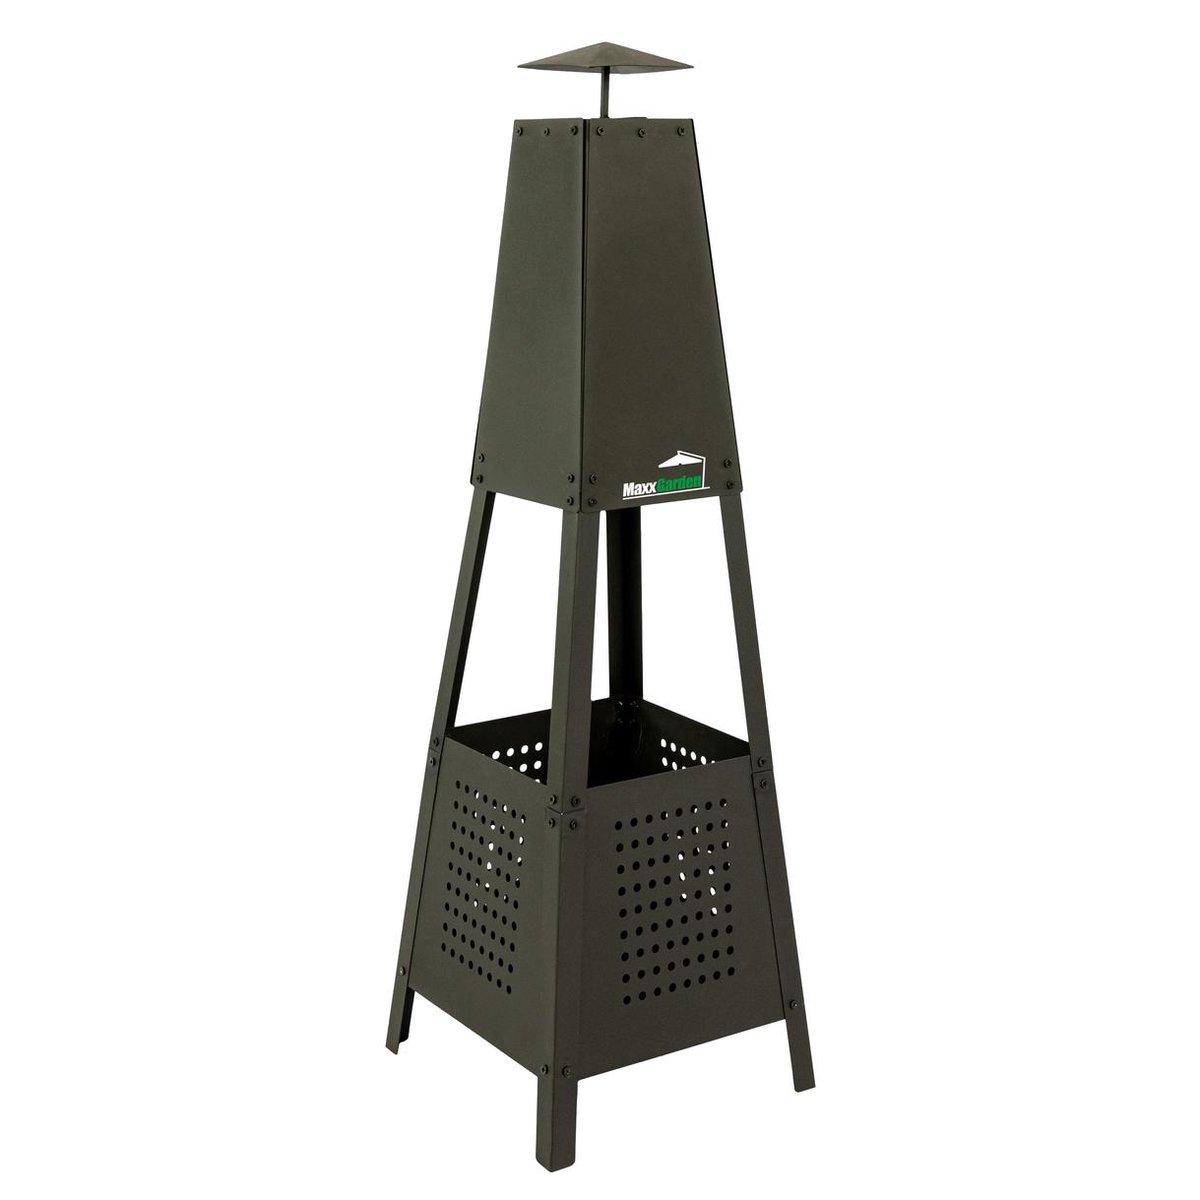 MaxxGarden vuurkorf Pyramide metaal - 35 x 35 x 100 cm